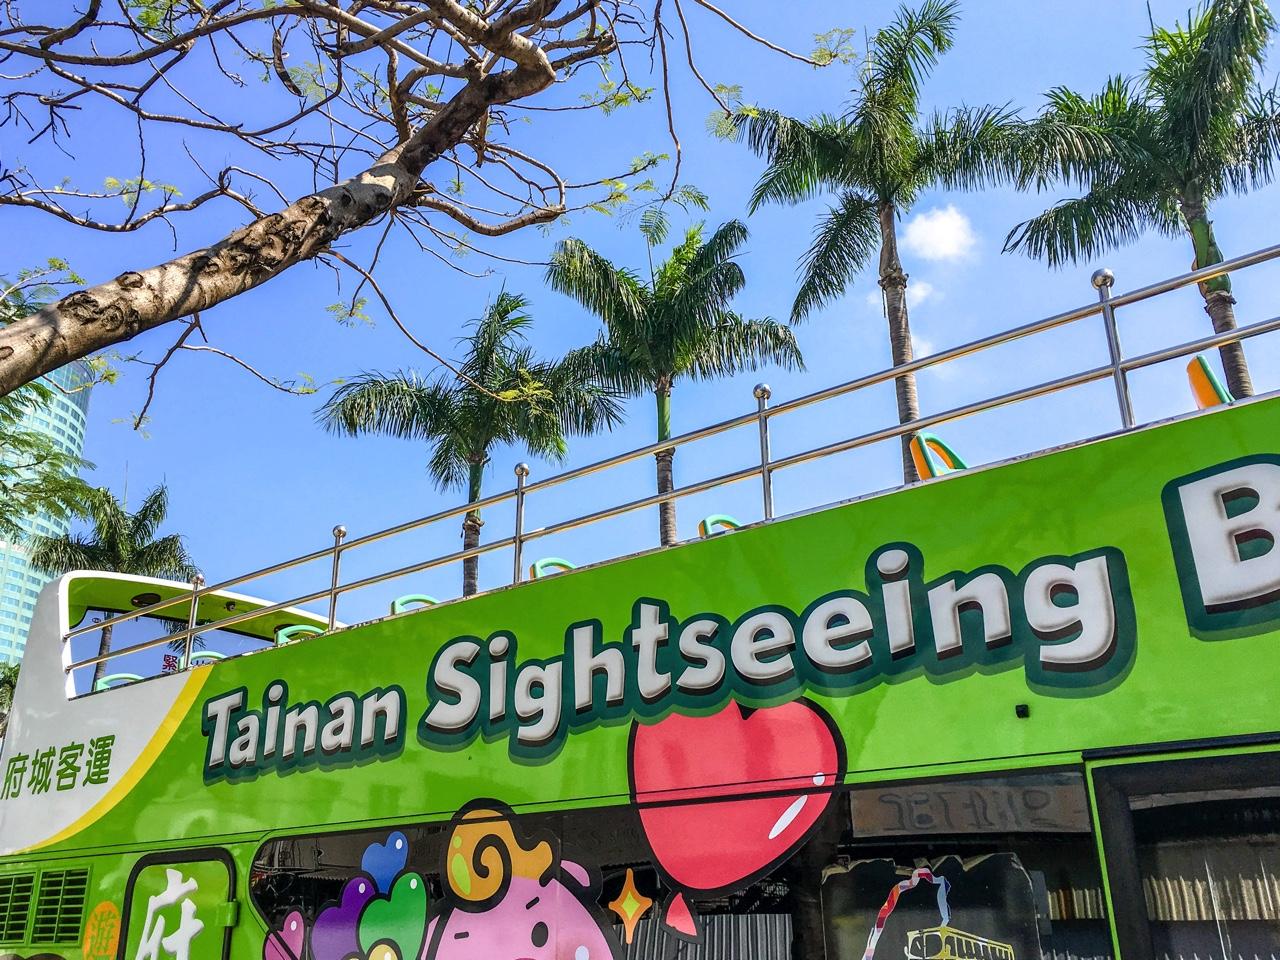 台南の観光バス